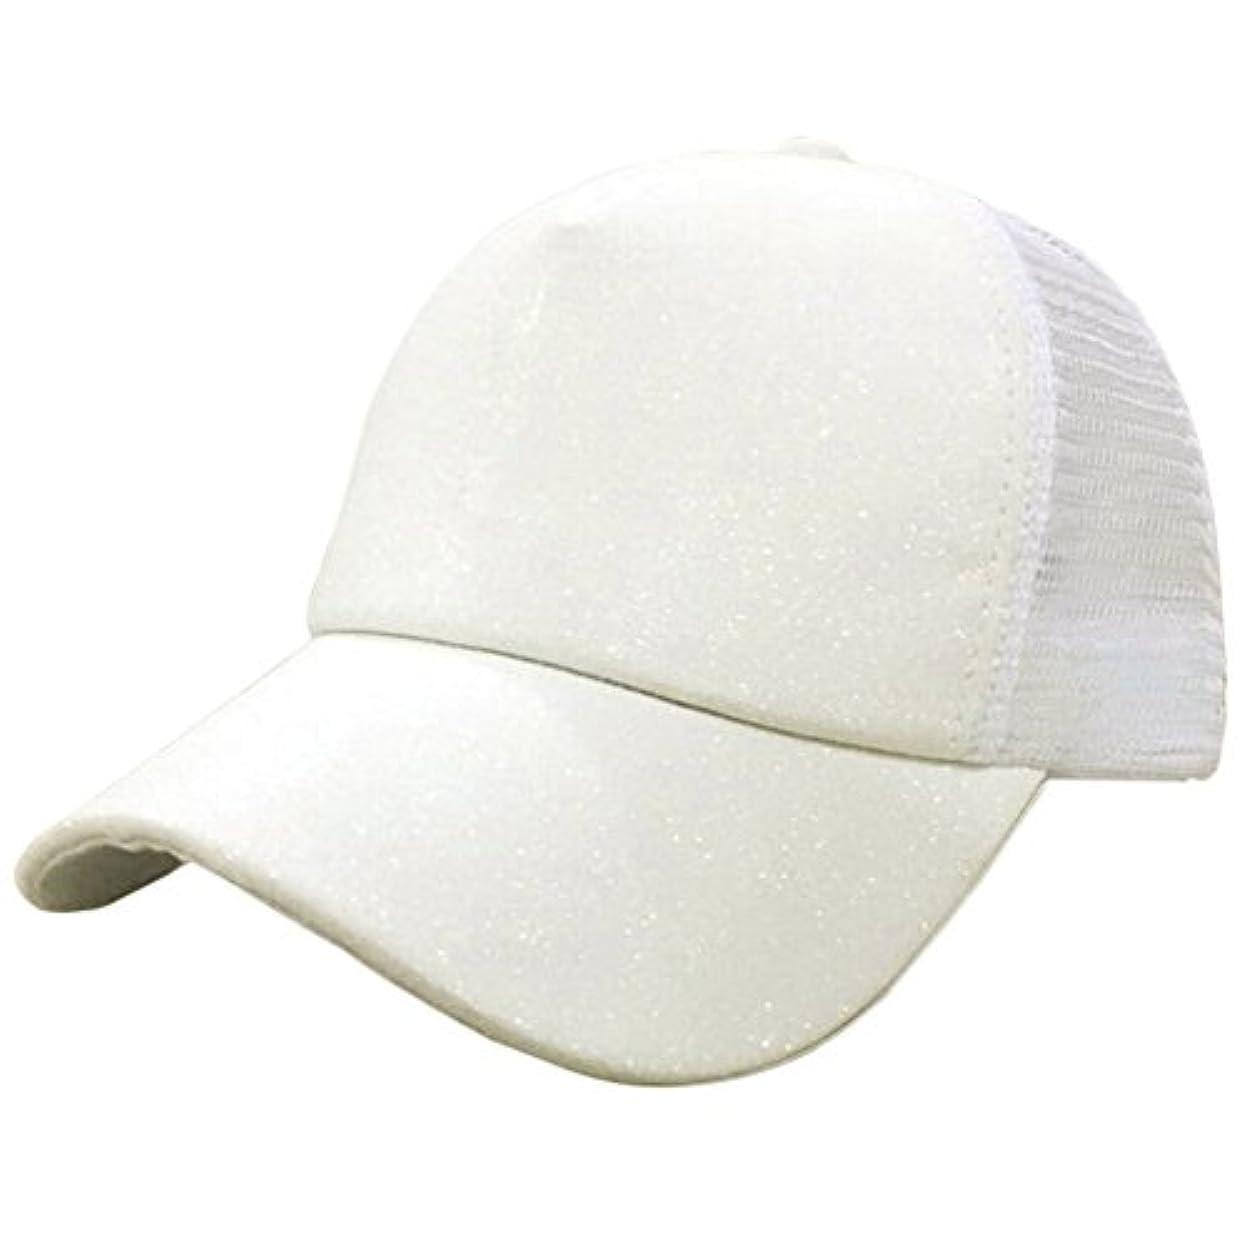 コウモリドリルバイオリニストRacazing Cap スパンコール 無地 メッシュ 野球帽 通気性のある ヒップホップ 帽子 夏 登山 可調整可能 棒球帽 男女兼用 UV 帽子 軽量 屋外 Unisex Cap (白)